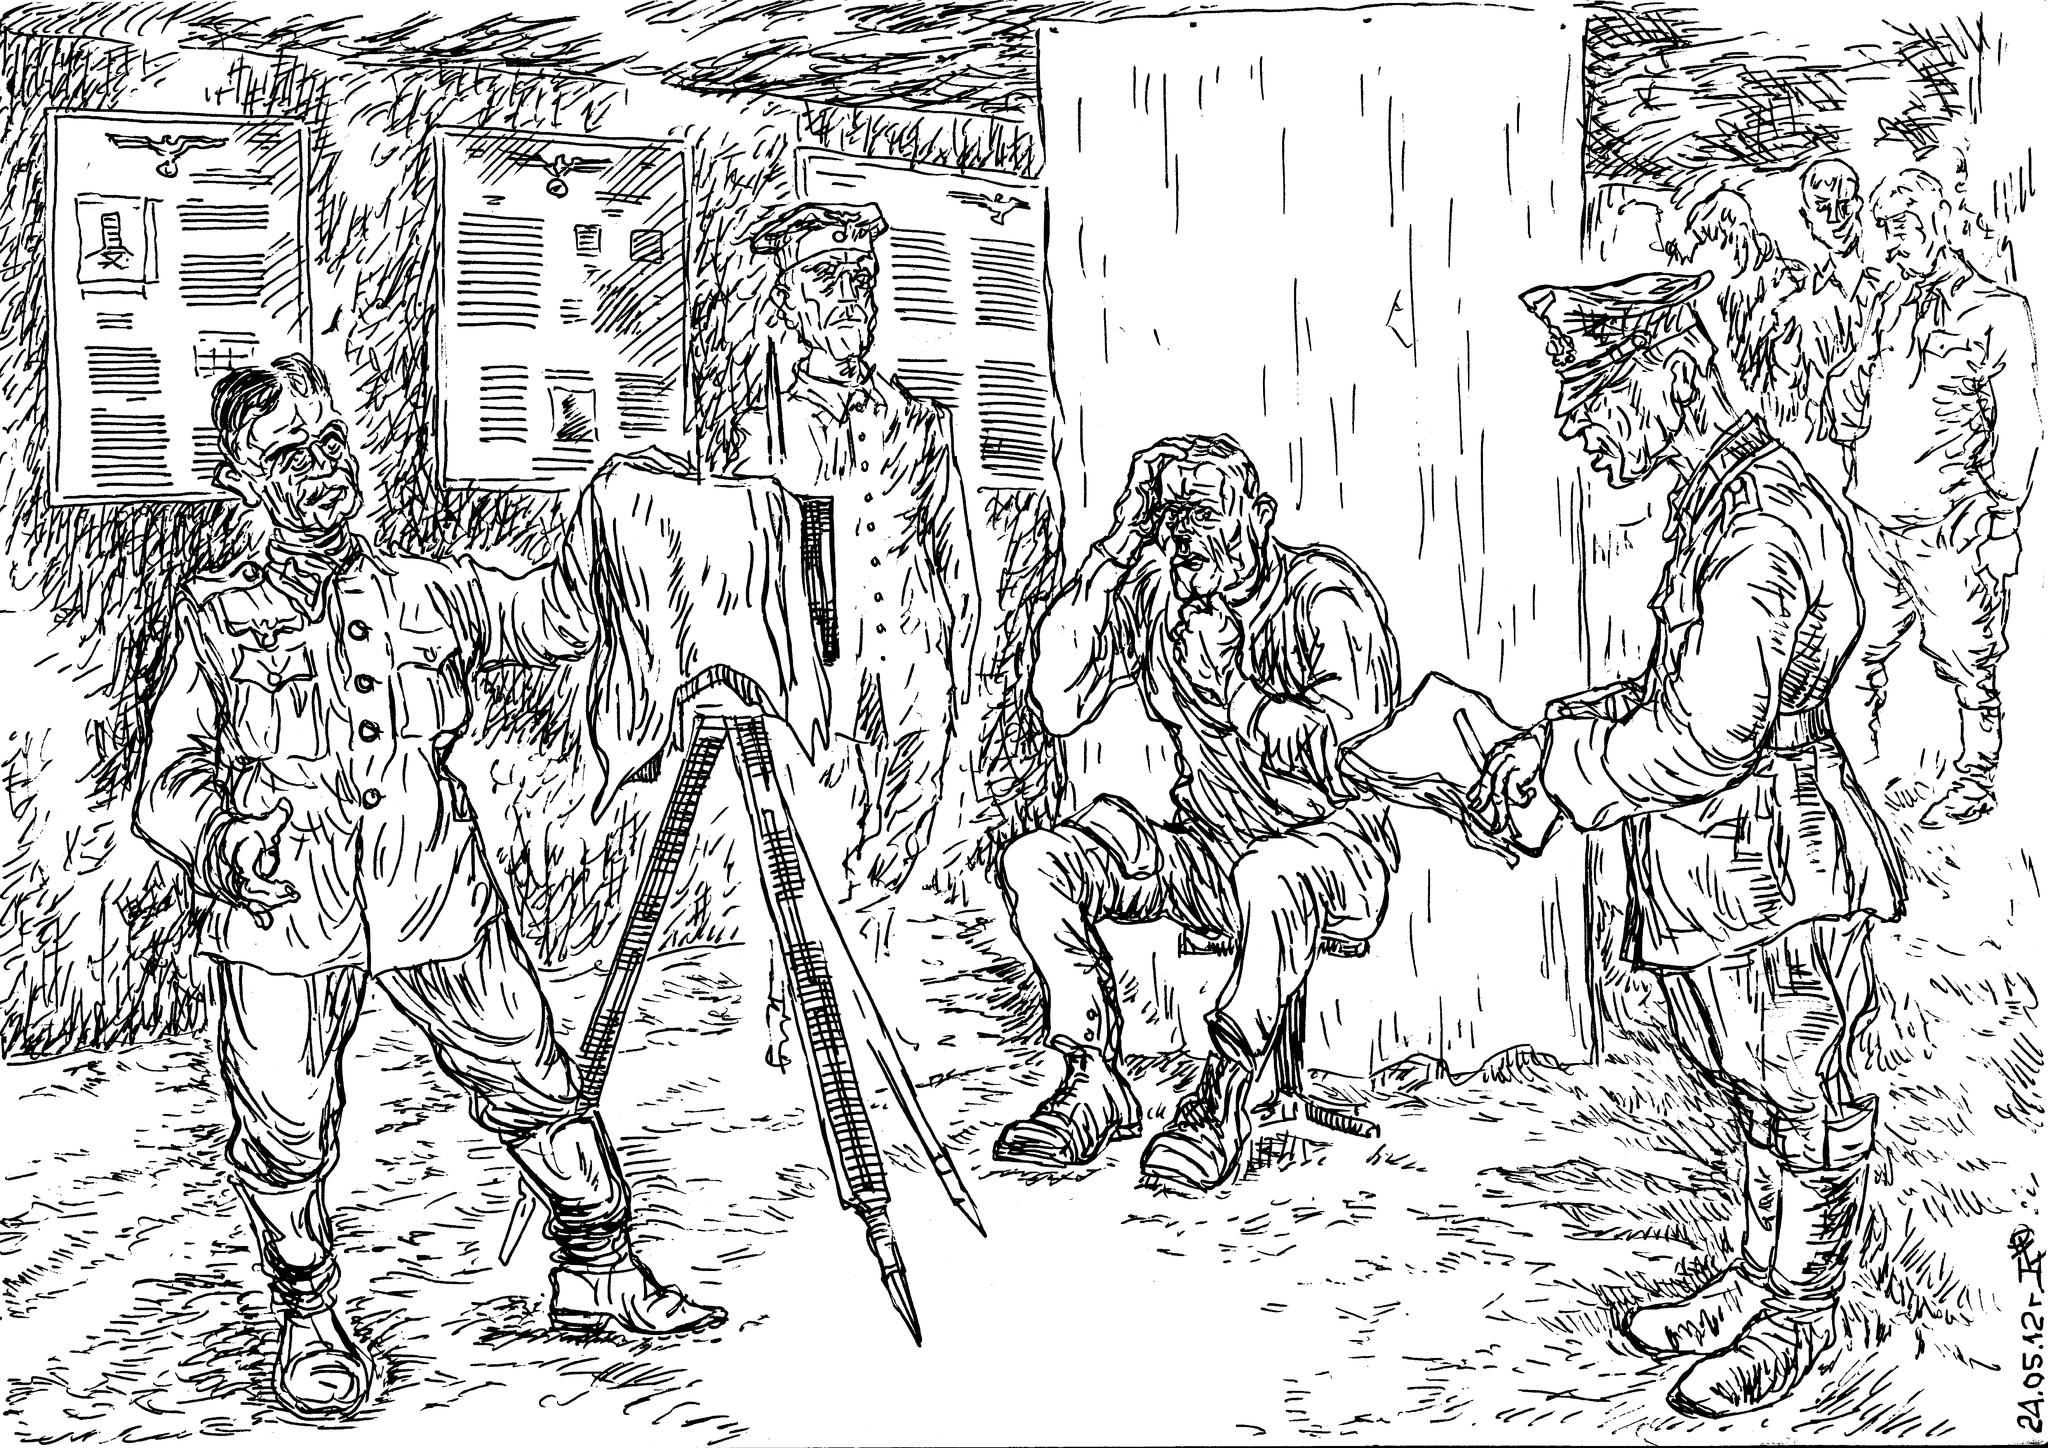 Большинство пленных красноармейцев в первый раз в жизни фотографировались уже находясь в плену у германцев